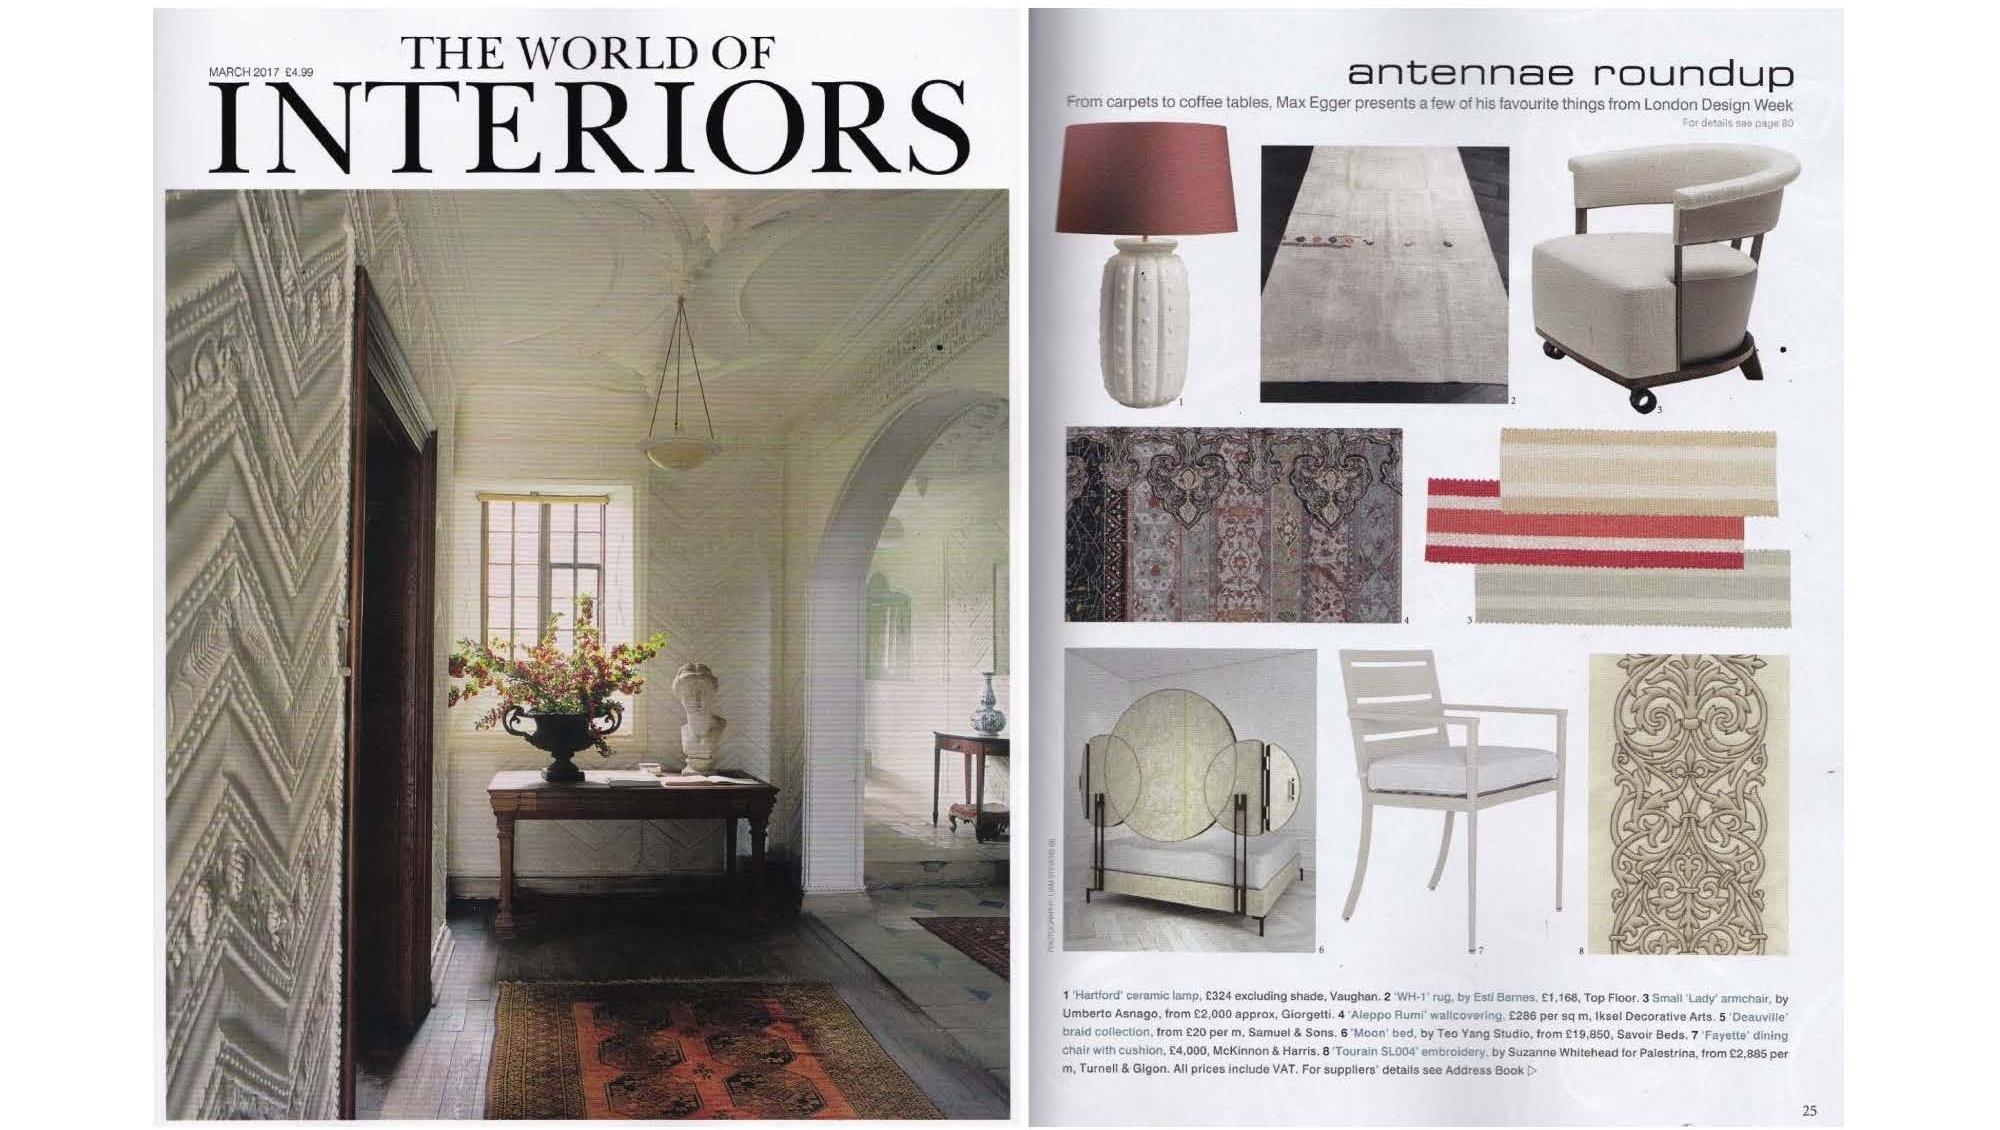 The World of Interiors(UK)